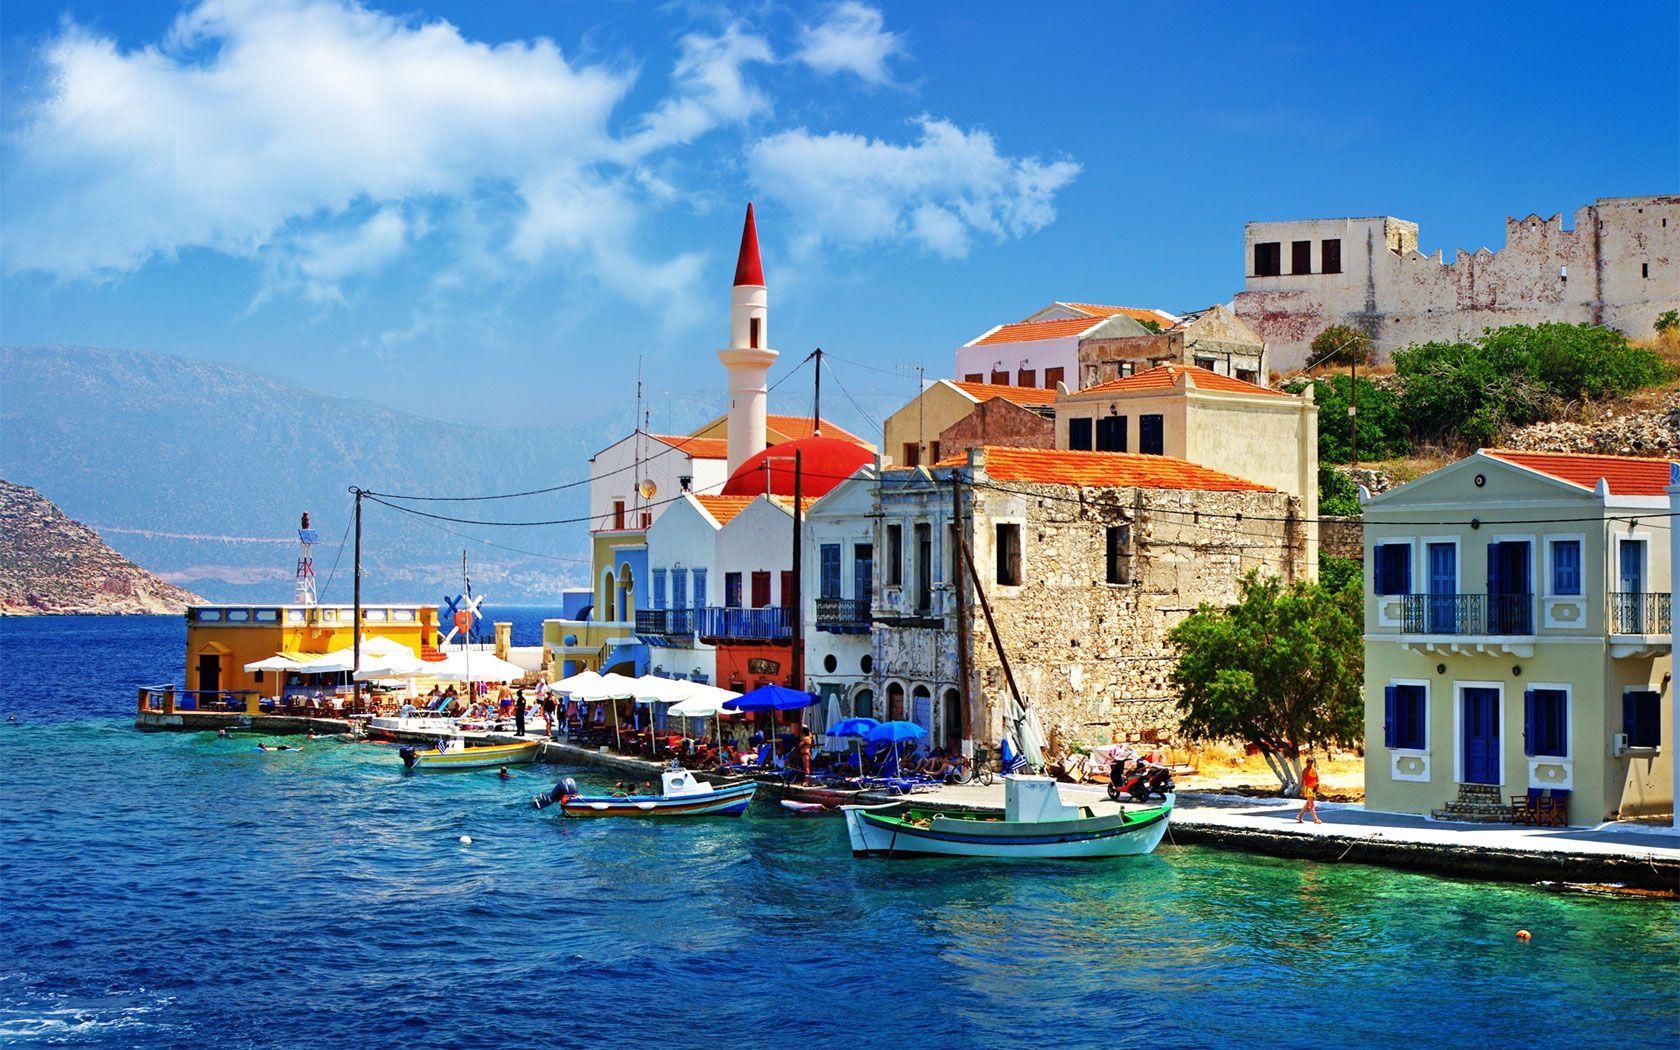 Greek Islands Wallpaper Greece Pier   HD Love Wallpaper HD 1680x1050